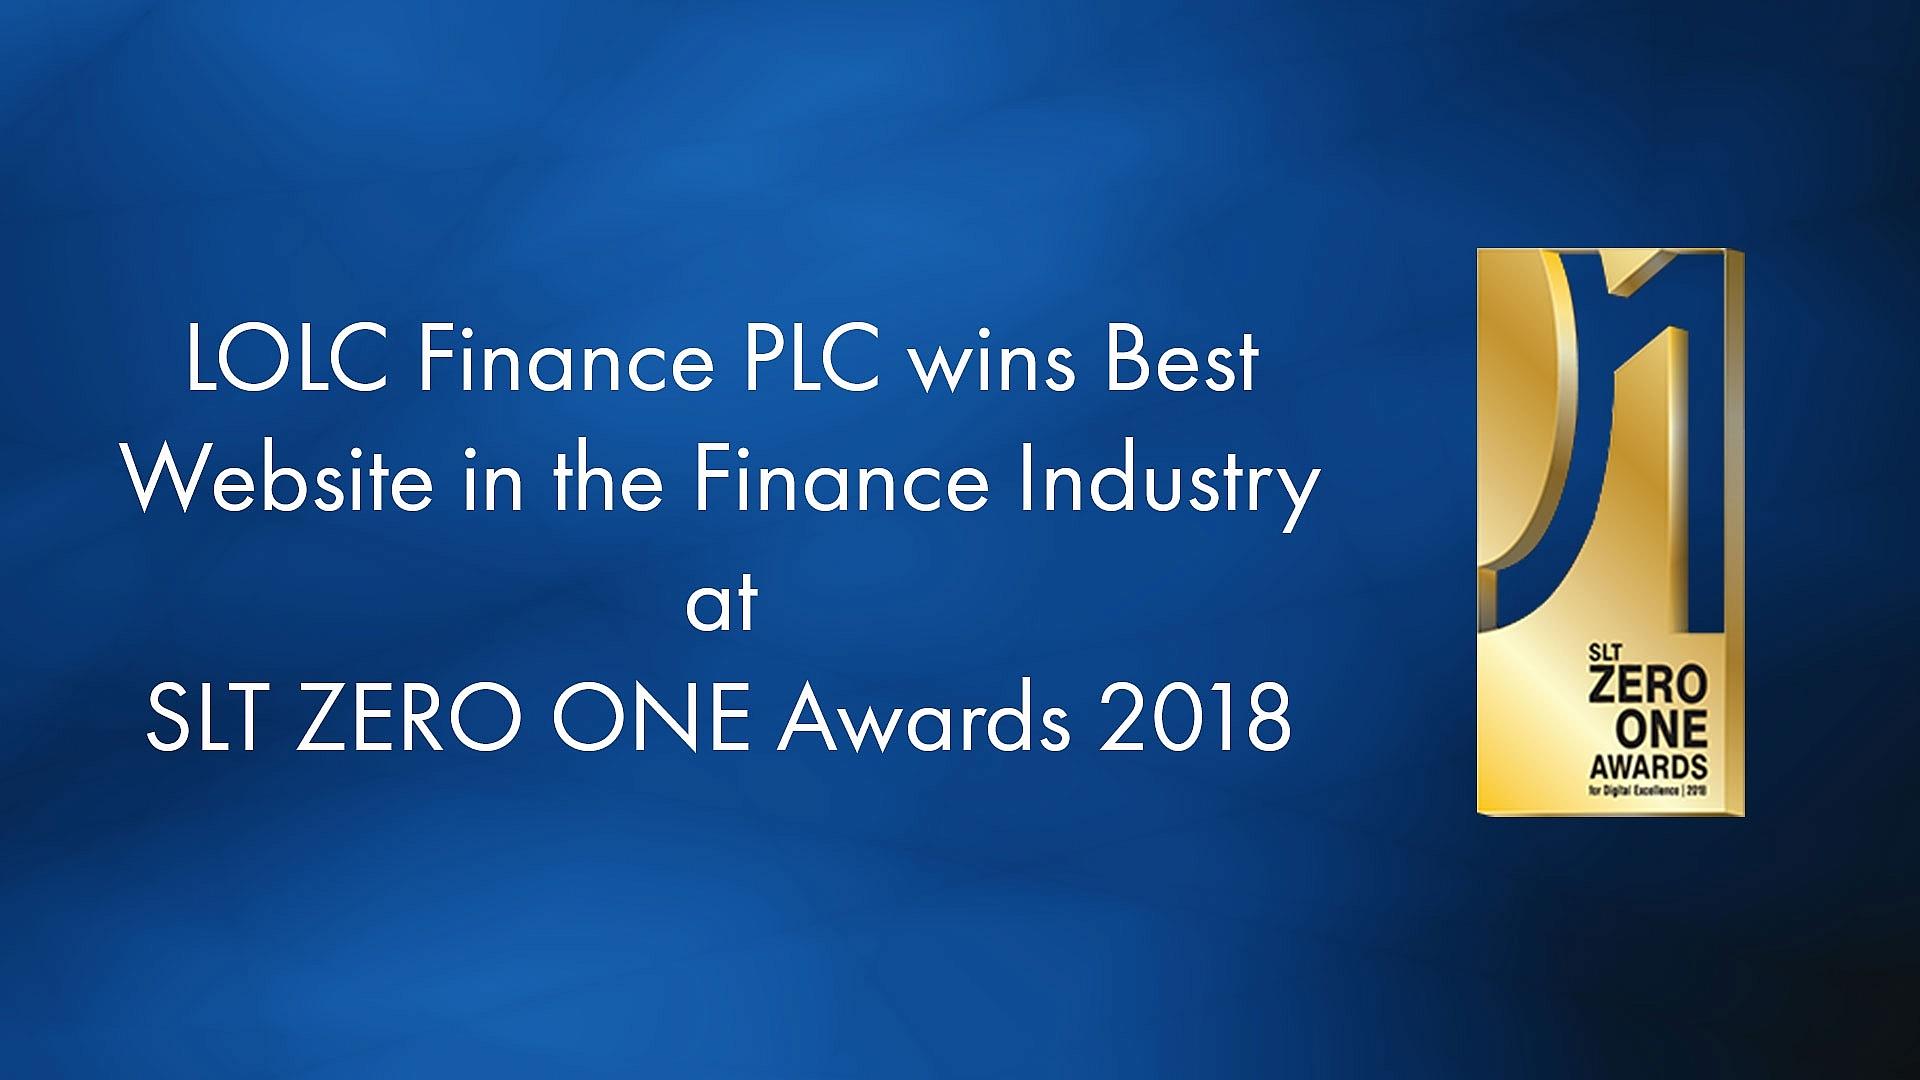 LOLC Finance PLC wins 'Best Website in Finance Industry' at SLT ZERO